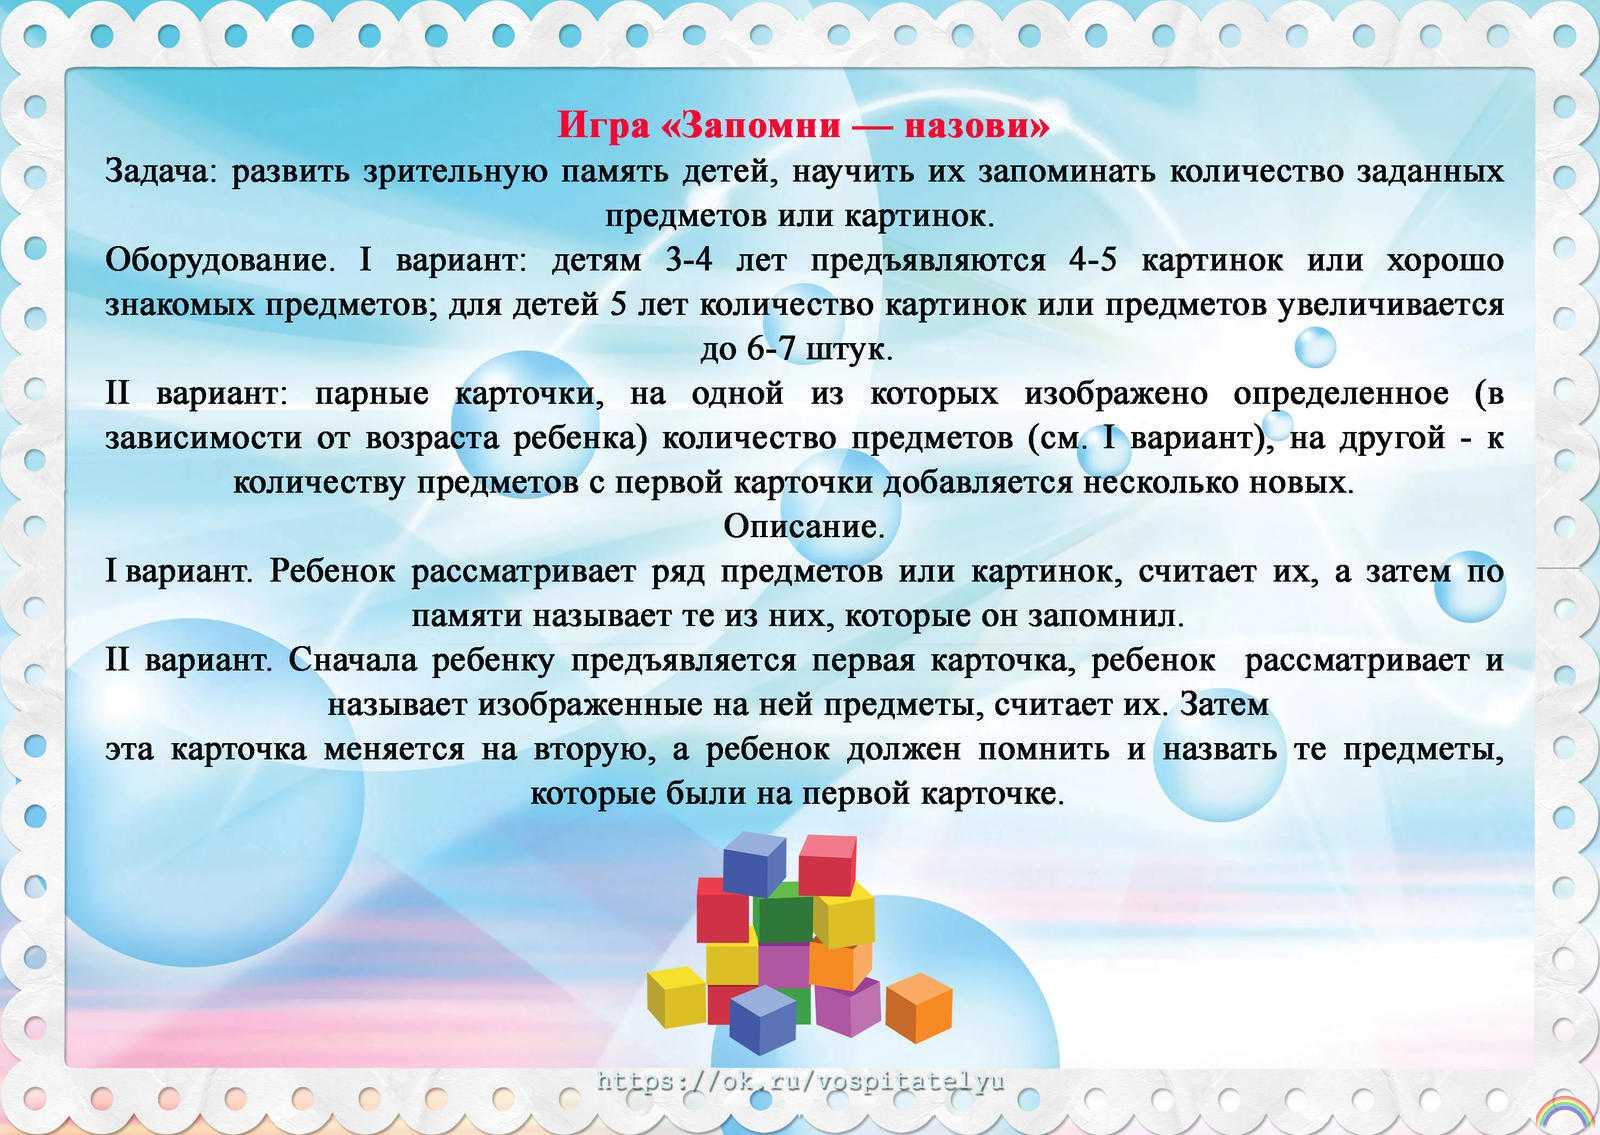 Конспект занятия по развитию памяти для детей старшей группы. воспитателям детских садов, школьным учителям и педагогам - маам.ру